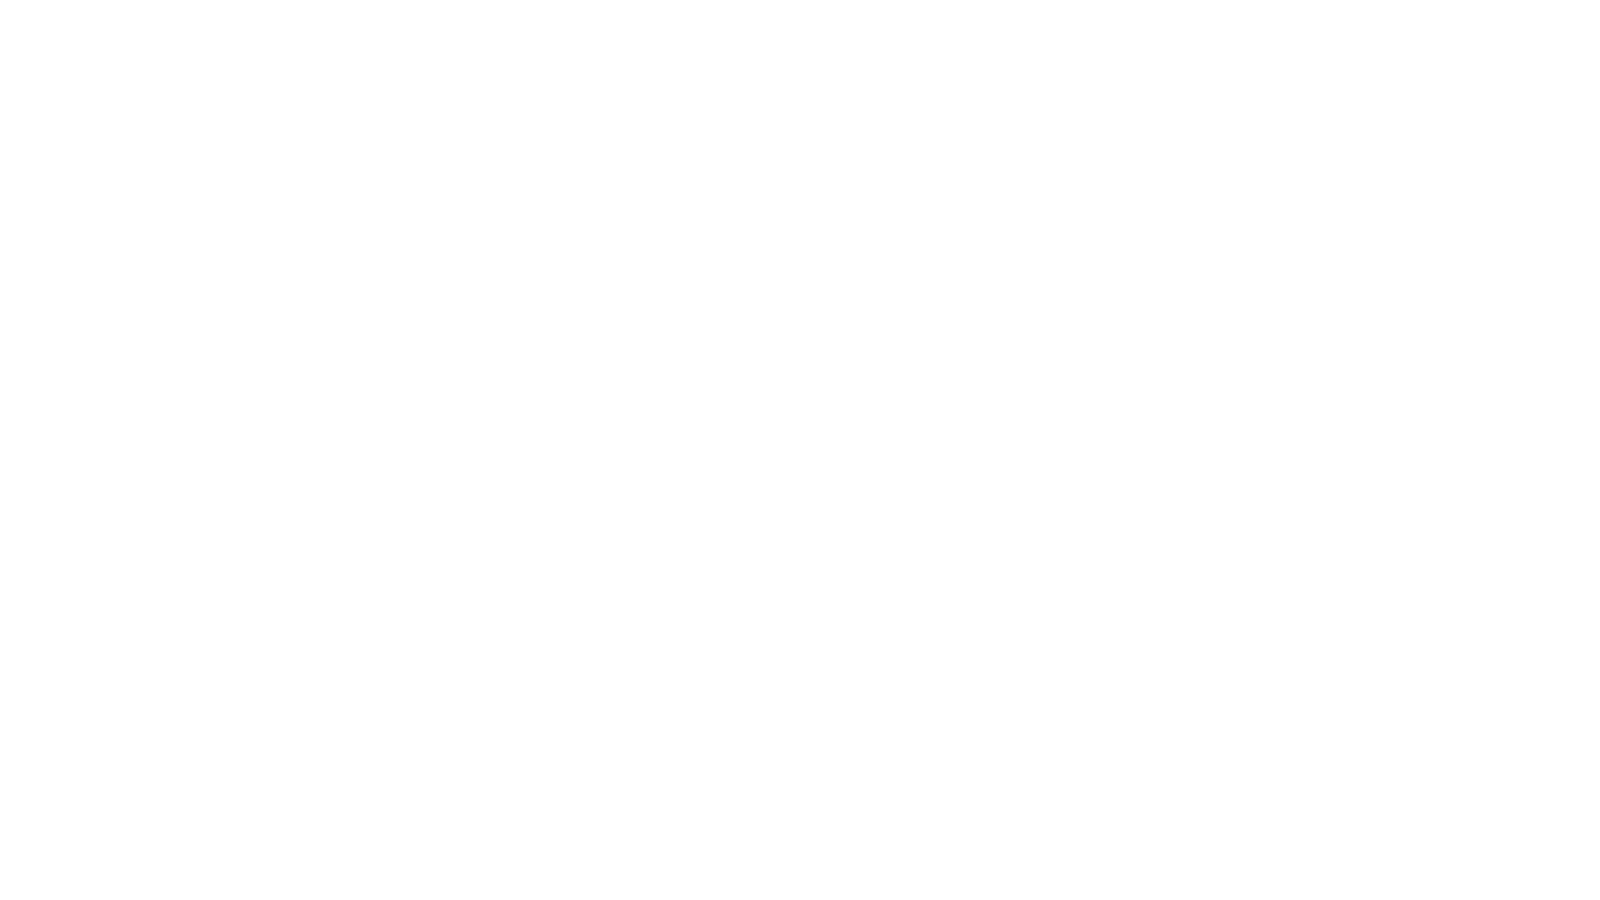 Carton plein pour les forgerons qui s'imposent face à Valdahon-Vercel pour leur retour à Jean Laville.Une victoire collective intéressante avant le choc dans 15 jours face au leader du championnat : le Racing Besançon.Abonnez-vous à la chaine du FC Gueugnon 👉  http://bit.ly/YouTubeFCGEt cliquez sur la cloche 🔔  si vous ne voulez rien rater de l'univers FCG !